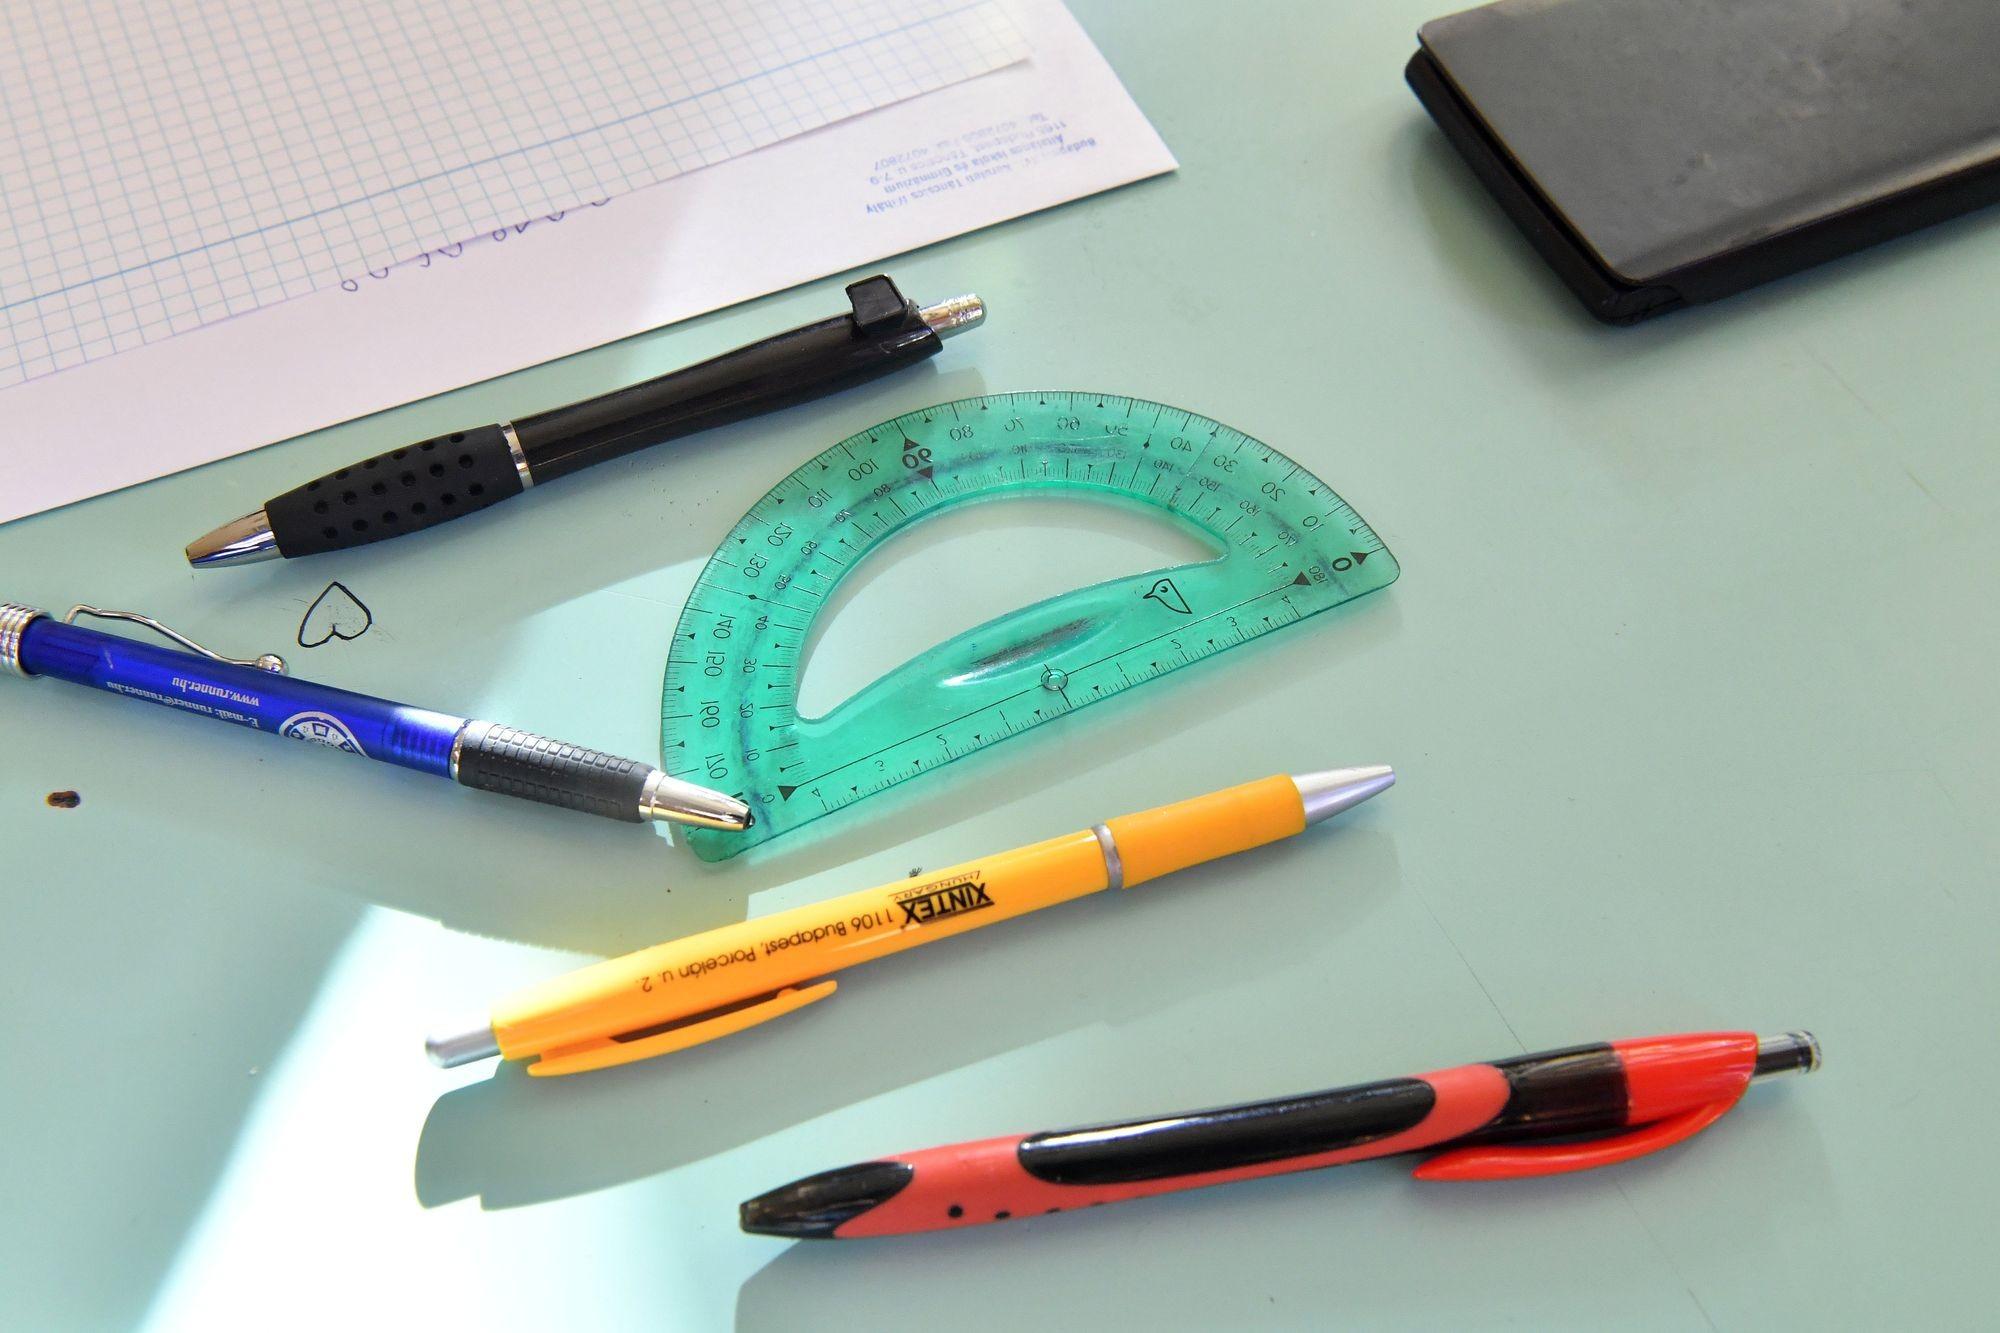 Alapvetően könnyen megoldhatónak találták a diákok a matek feladatokat